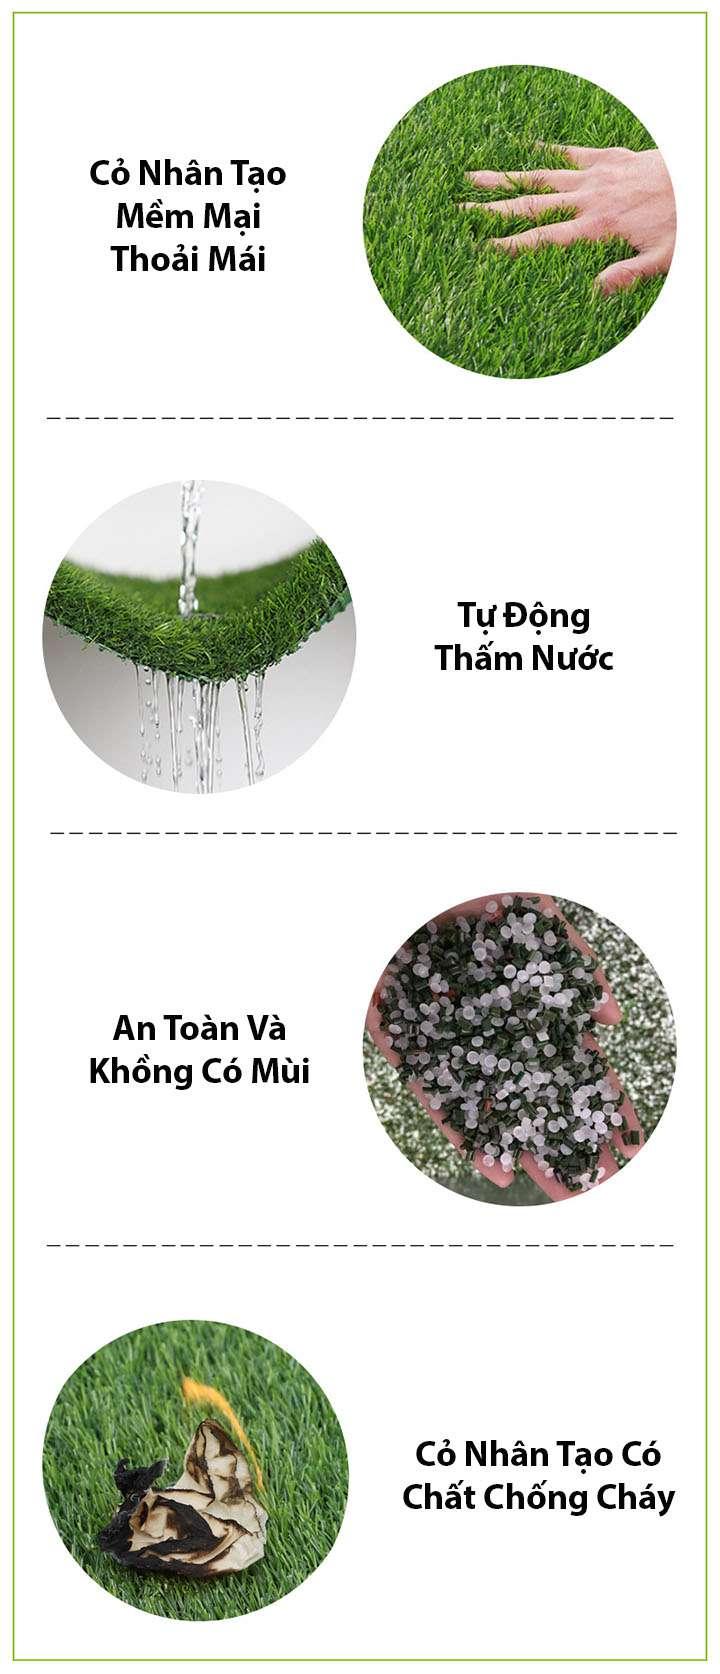 ưu điểm của thảm cỏ nhân tạo